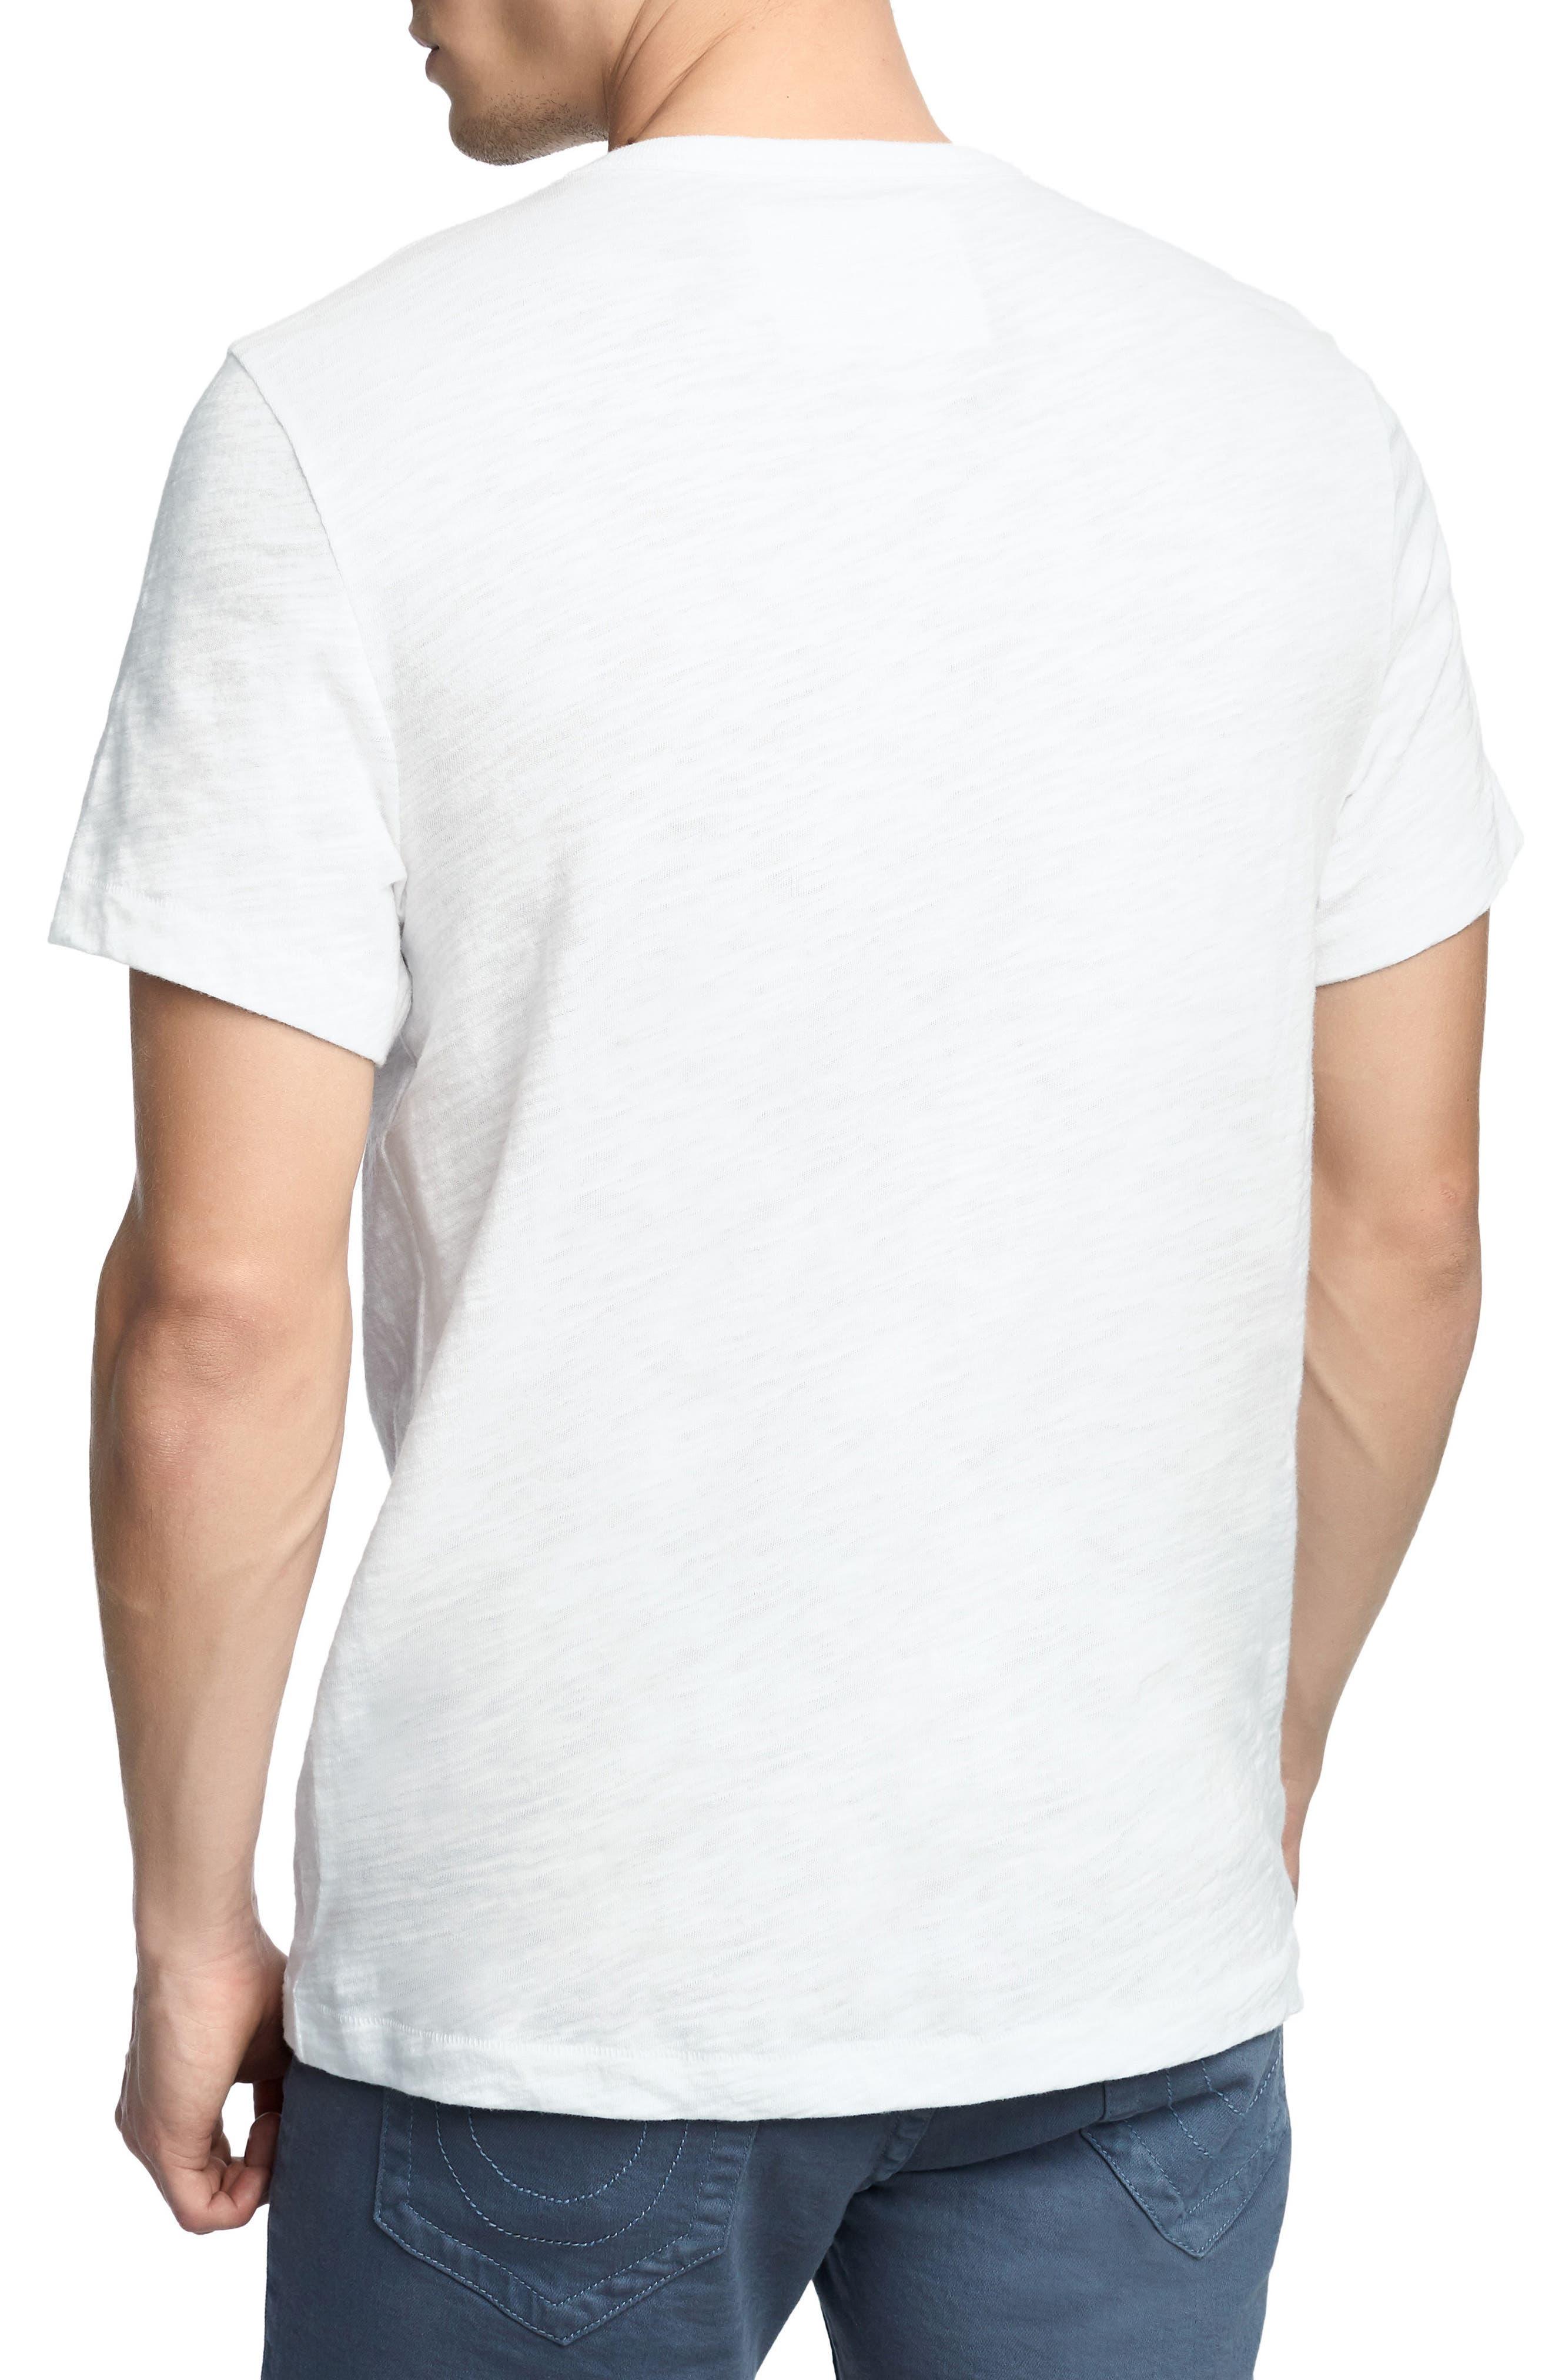 Born Free T-Shirt,                             Alternate thumbnail 2, color,                             100